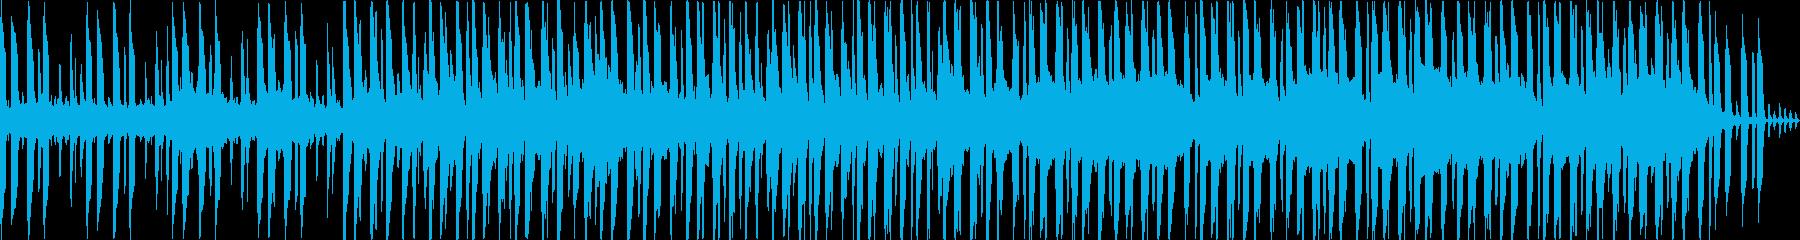 【ループ】あやしい密林を探索する民族曲の再生済みの波形